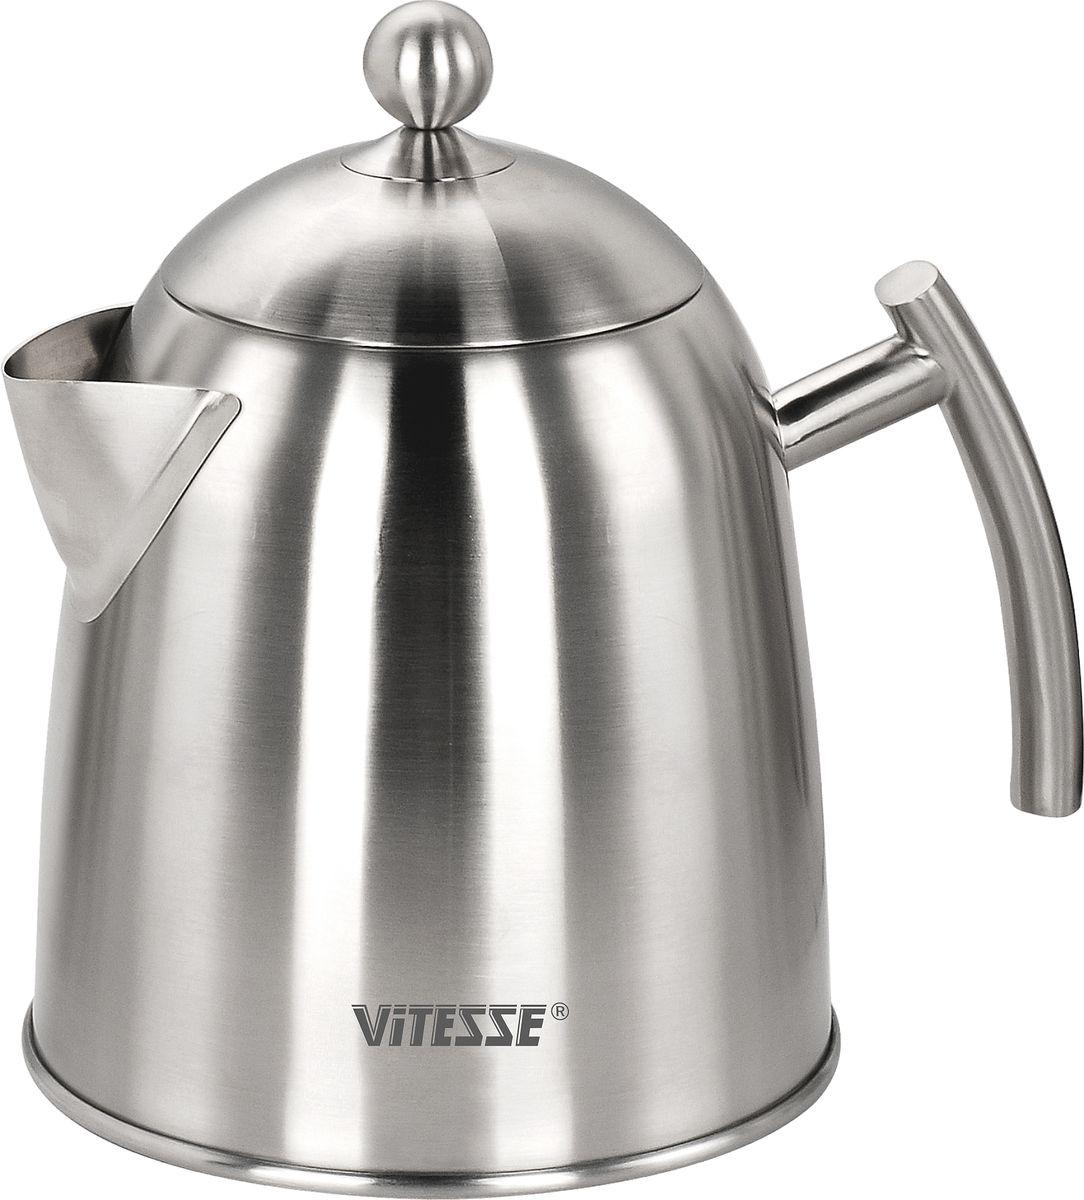 Чайник Vitesse Abella, 1,7 л16440980Чайник Abella, выполненный из высококачественной нержавеющей стали с матовой полировкой, предоставит Вам все необходимые возможности для успешного приготовления напитков. Многослойное термоаккумулирующее дно чайника с прослойкой из алюминия обеспечит равномерное распределение тепла.Чайник подходит для газовых, электрических, стеклокерамических и индукционных плит и пригоден для мытья в посудомоечной машине. Характеристики:Материал:нержавеющая сталь. Объем чайника:1,7 л. Высота чайника (без учета крышки):20 см. Диаметр основания чайника:15,5 см. Размер упаковки:23 см х 20,5 см х 16 см. Изготовитель:Китай.Артикул:VS-1113. Кухонная посуда марки Vitesseиз нержавеющей стали 18/10 предоставит Вам все необходимое для получения удовольствия от приготовления пищи и принесет радость от его результатов. Посуда Vitesse обладает выдающимися функциональными свойствами. Легкие в уходе кастрюли и сковородки имеют плотно закрывающиеся крышки, которые дают возможность готовить с малым количеством воды и экономией энергии, и идеально подходят для всех видов плит: газовых, электрических, стеклокерамических и индукционных. Конструкция дна посуды гарантирует быстрое поглощение тепла, его равномерное распределение и сохранение. Великолепно отполированная поверхность, а также многочисленные конструктивные новшества, заложенные во все изделия Vitesse, позволит Вам открыть новые горизонты приготовления уже знакомых блюд. Для производства посуды Vitesseиспользуются только высококачественные материалы, которые соответствуют международным стандартам.